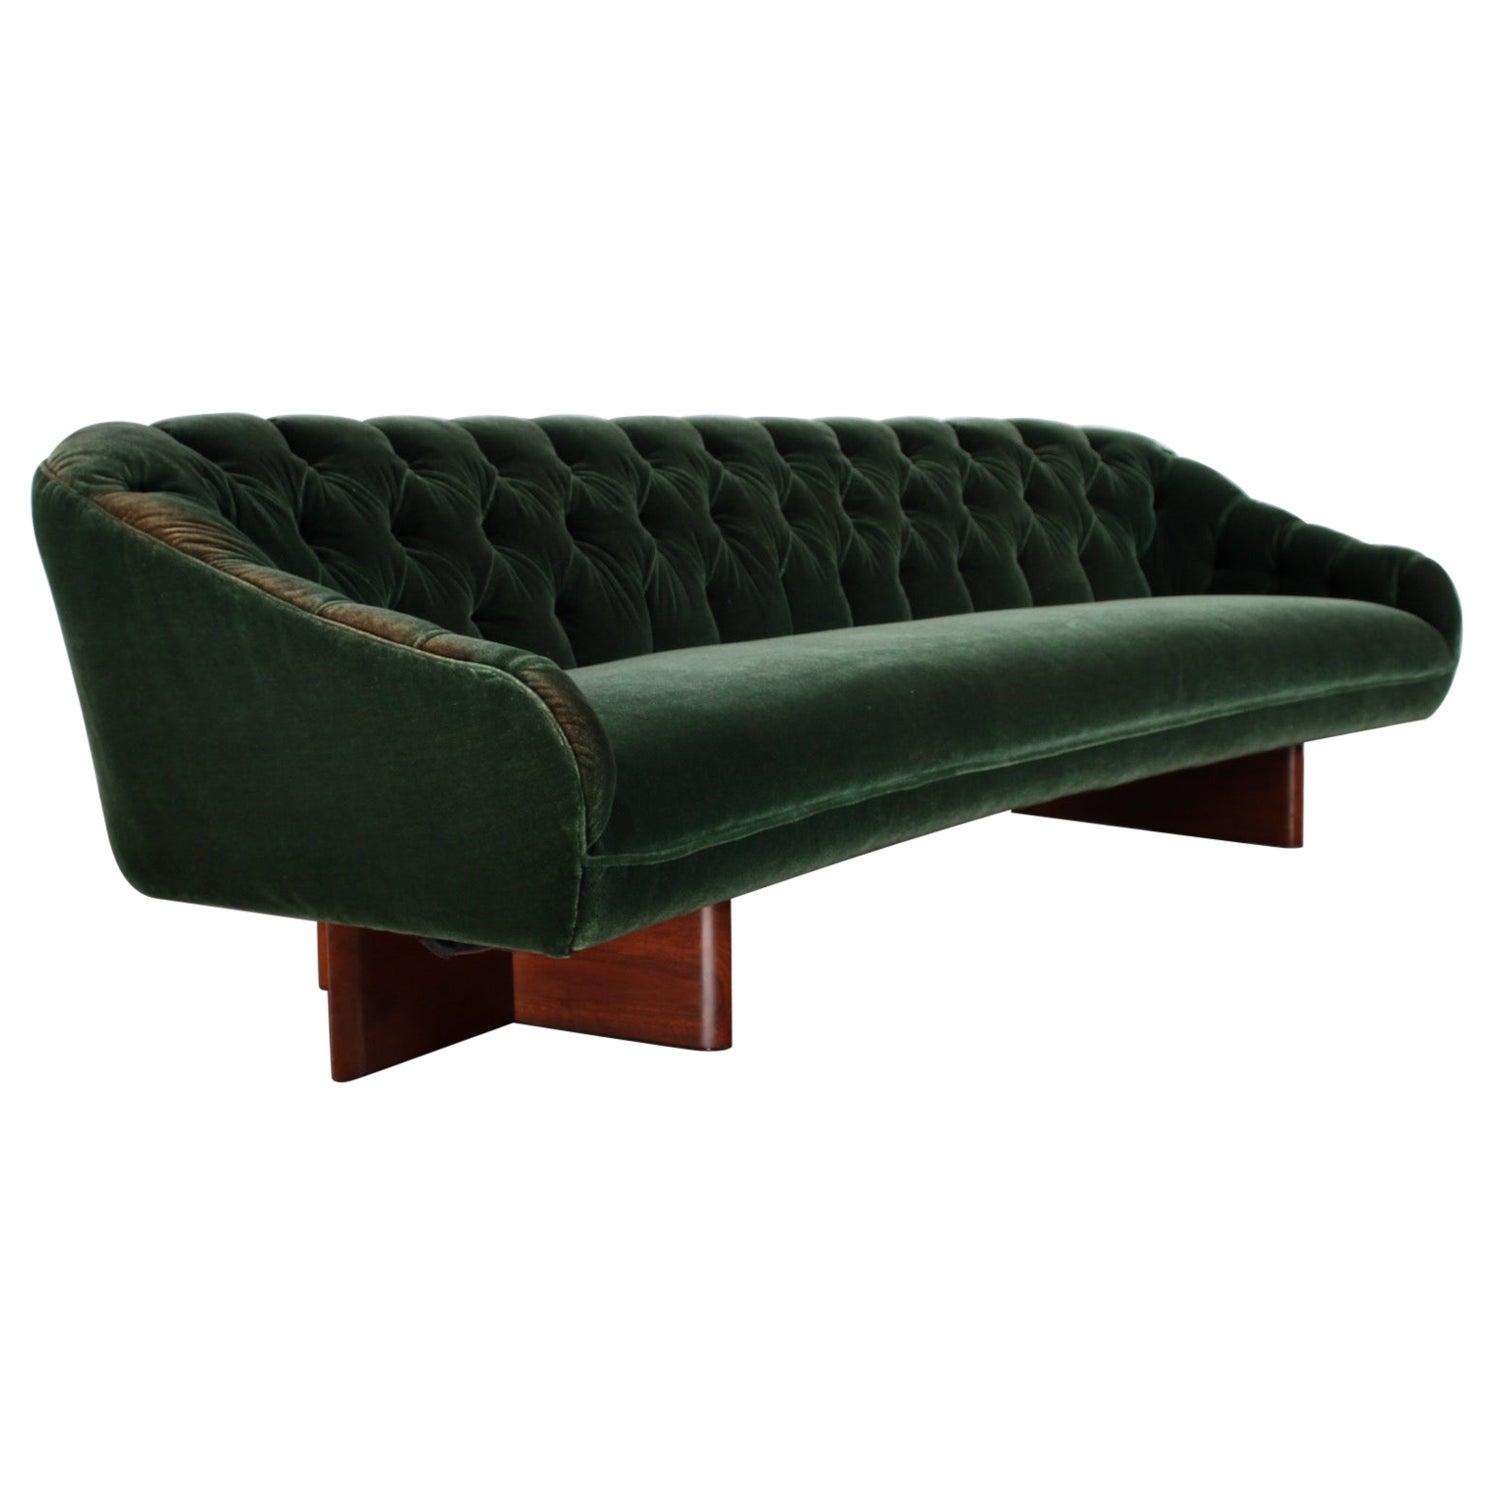 Custom Curved Sofa by Vladimir Kagan